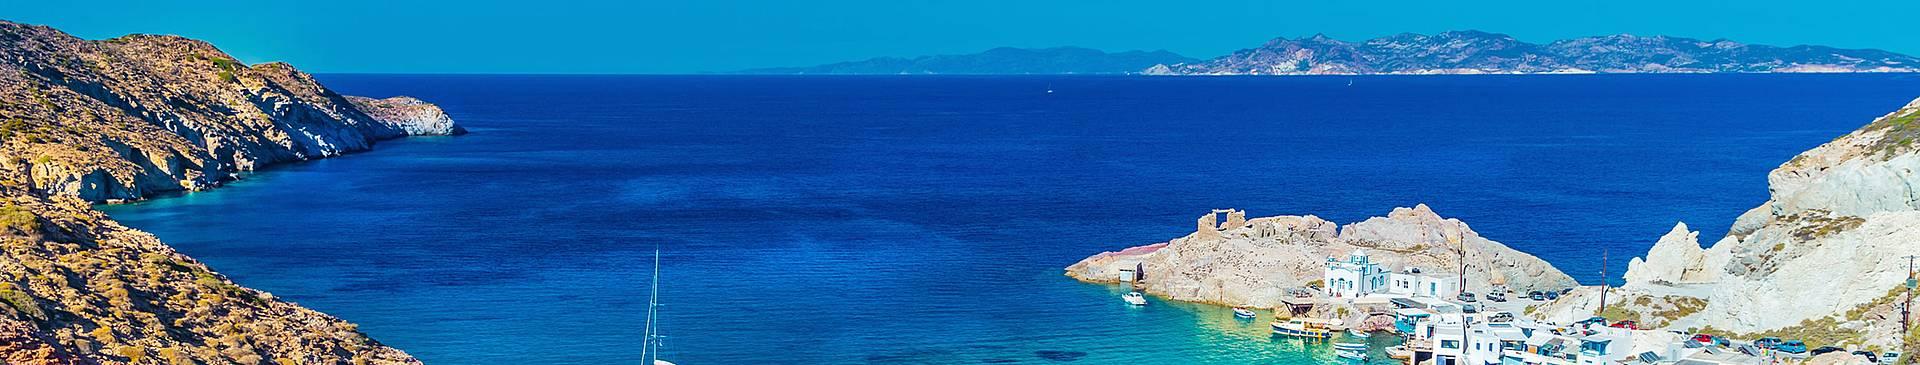 Croisière et Balade en bateau en Grèce